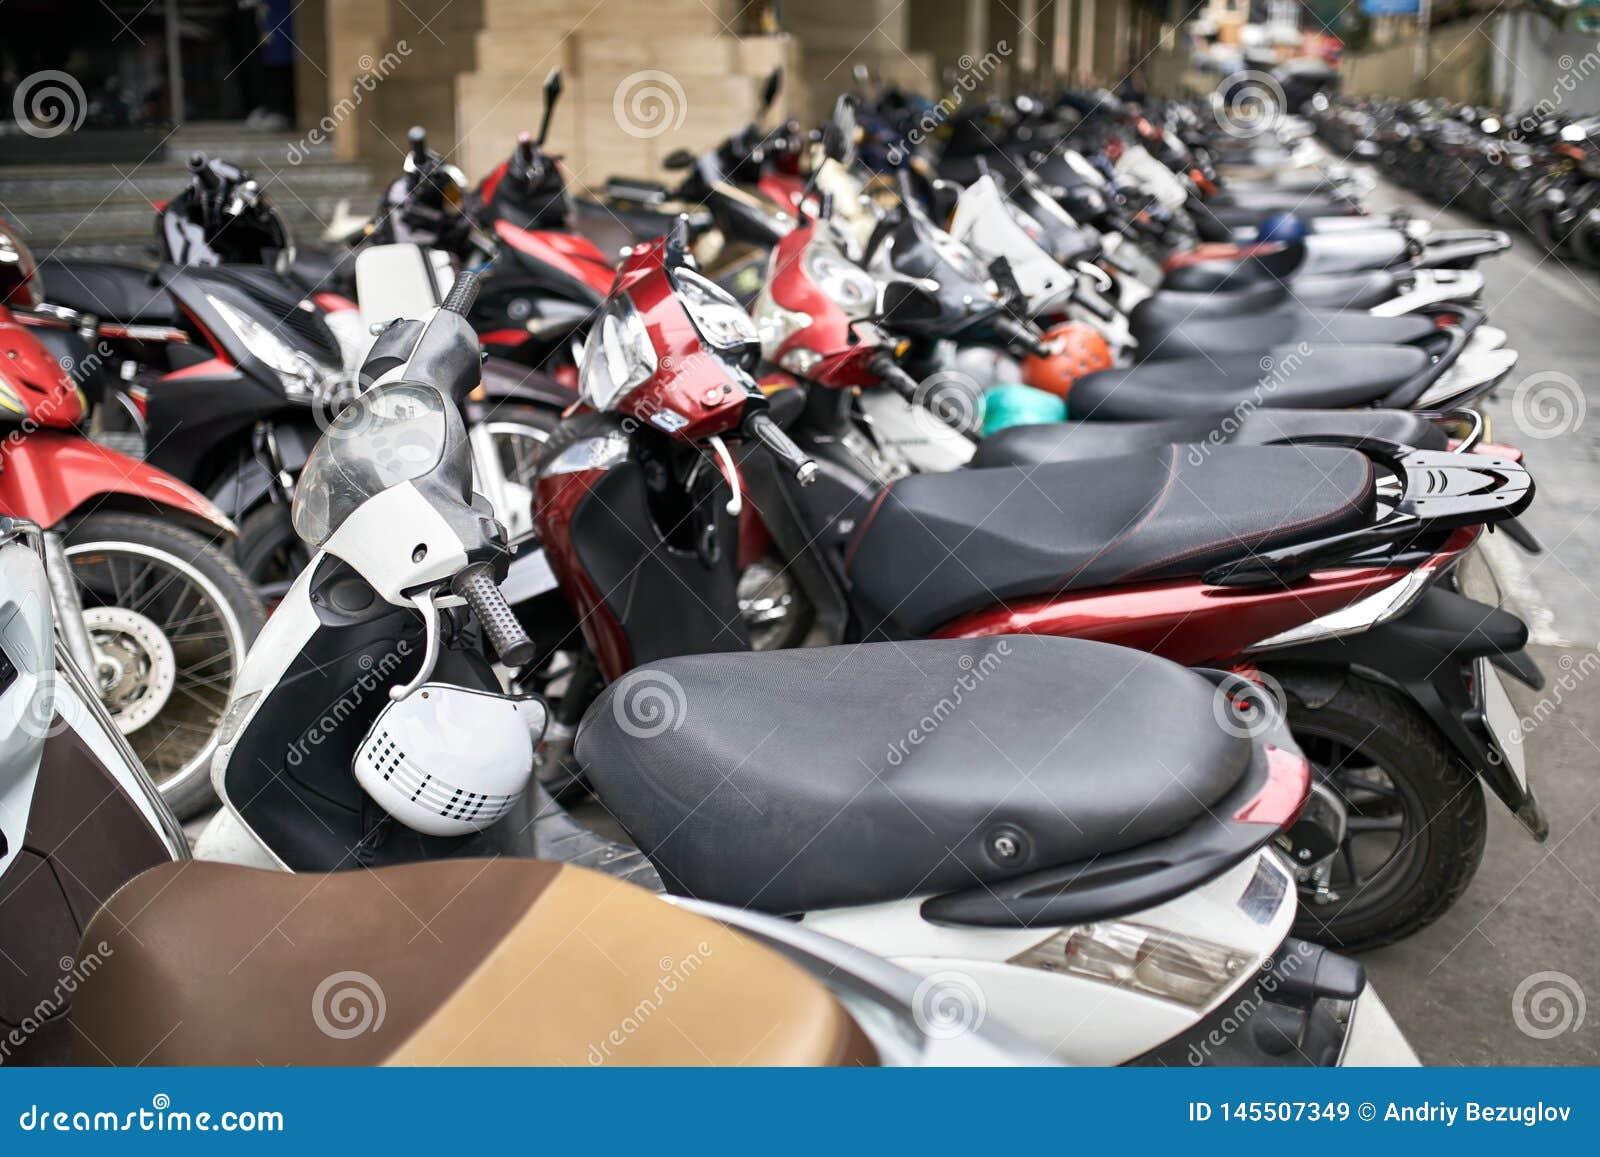 Calle de la ciudad con la porción de motocicletas parqueadas en la luz del día